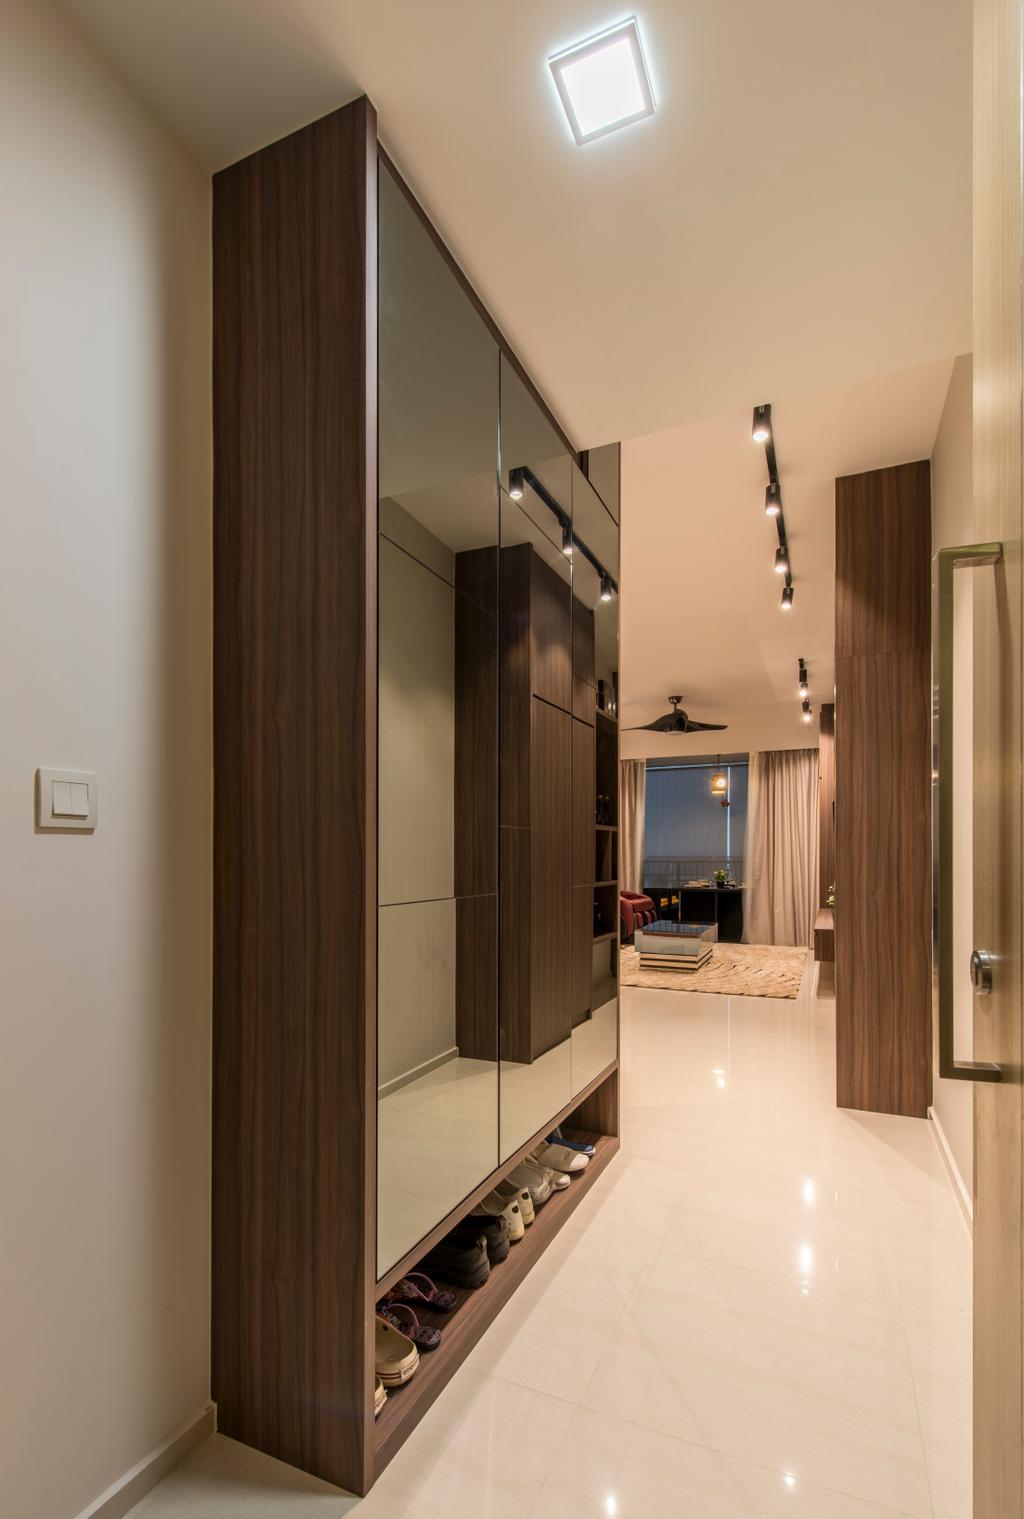 Contemporary, Condo, Living Room, Ripple Bay, Interior Designer, VNA Design, Marble Floor, Black Track Lights, Wood Shelving